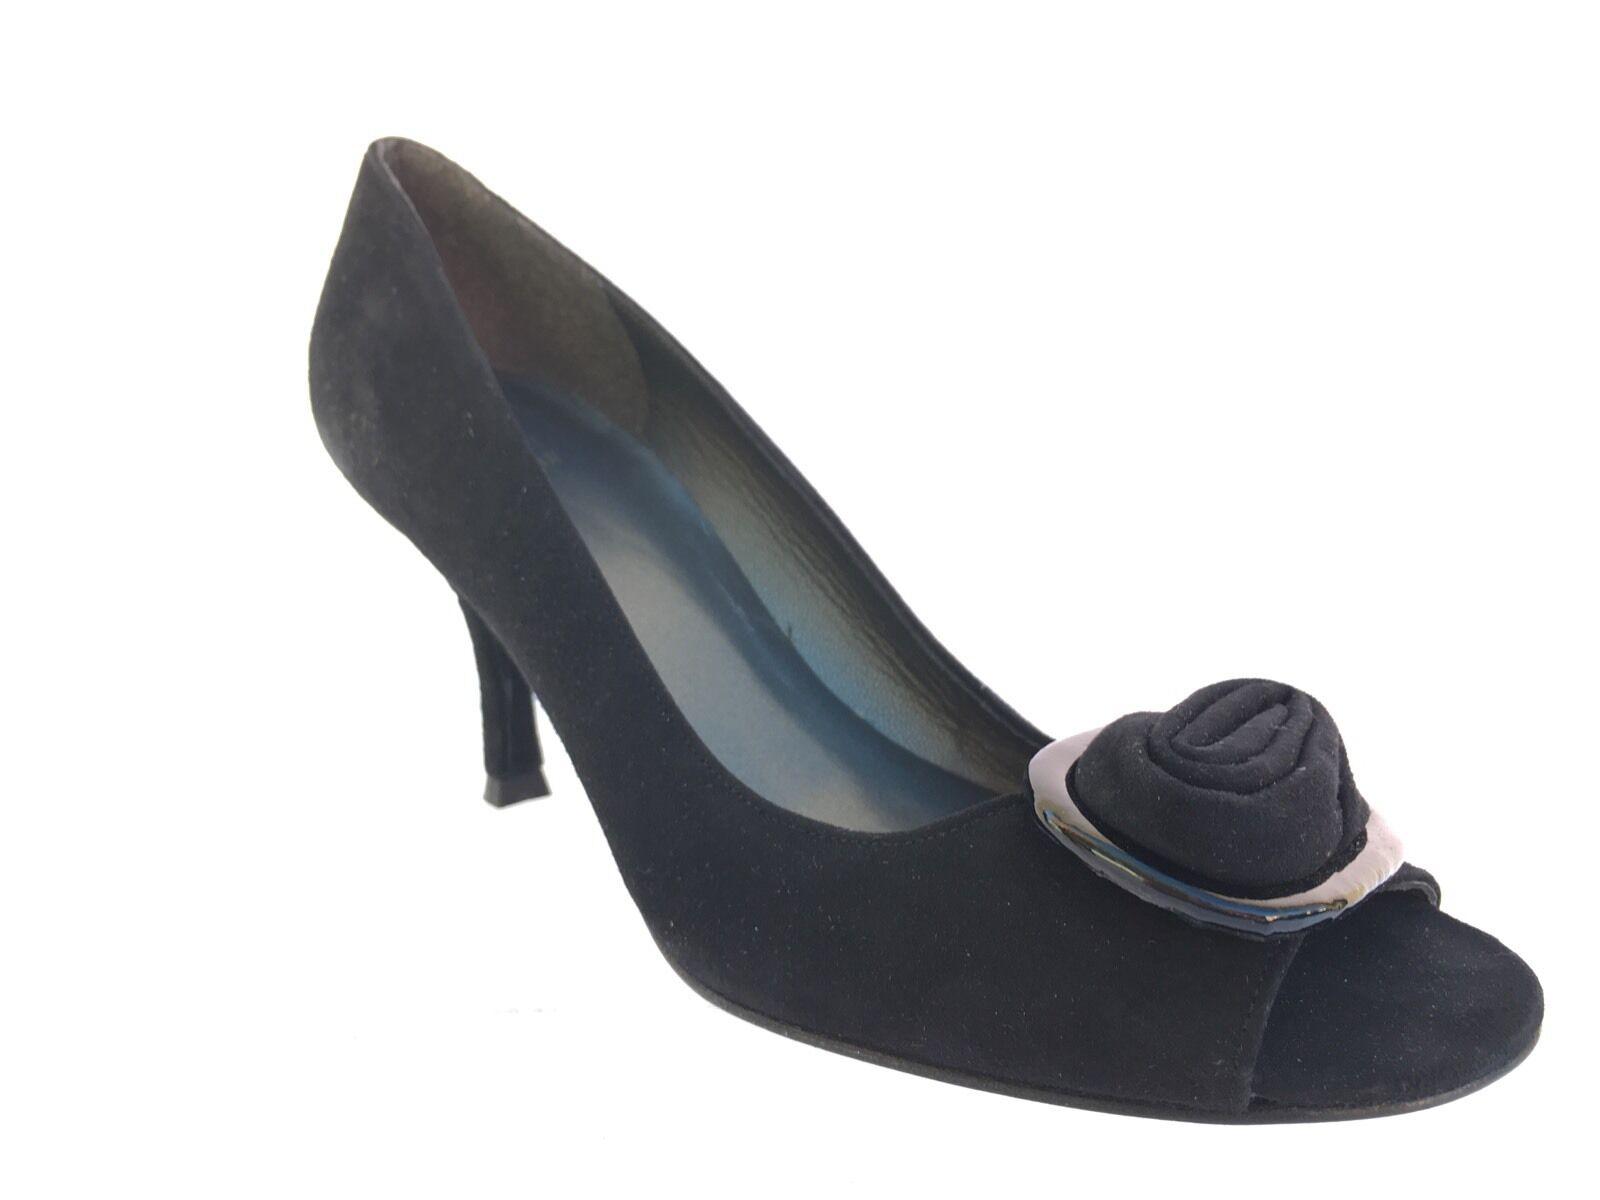 375 Stuart Weitzman  Ritzy  EN DAIM NOIR open-toe Rosette Chaussures Taille 8 M